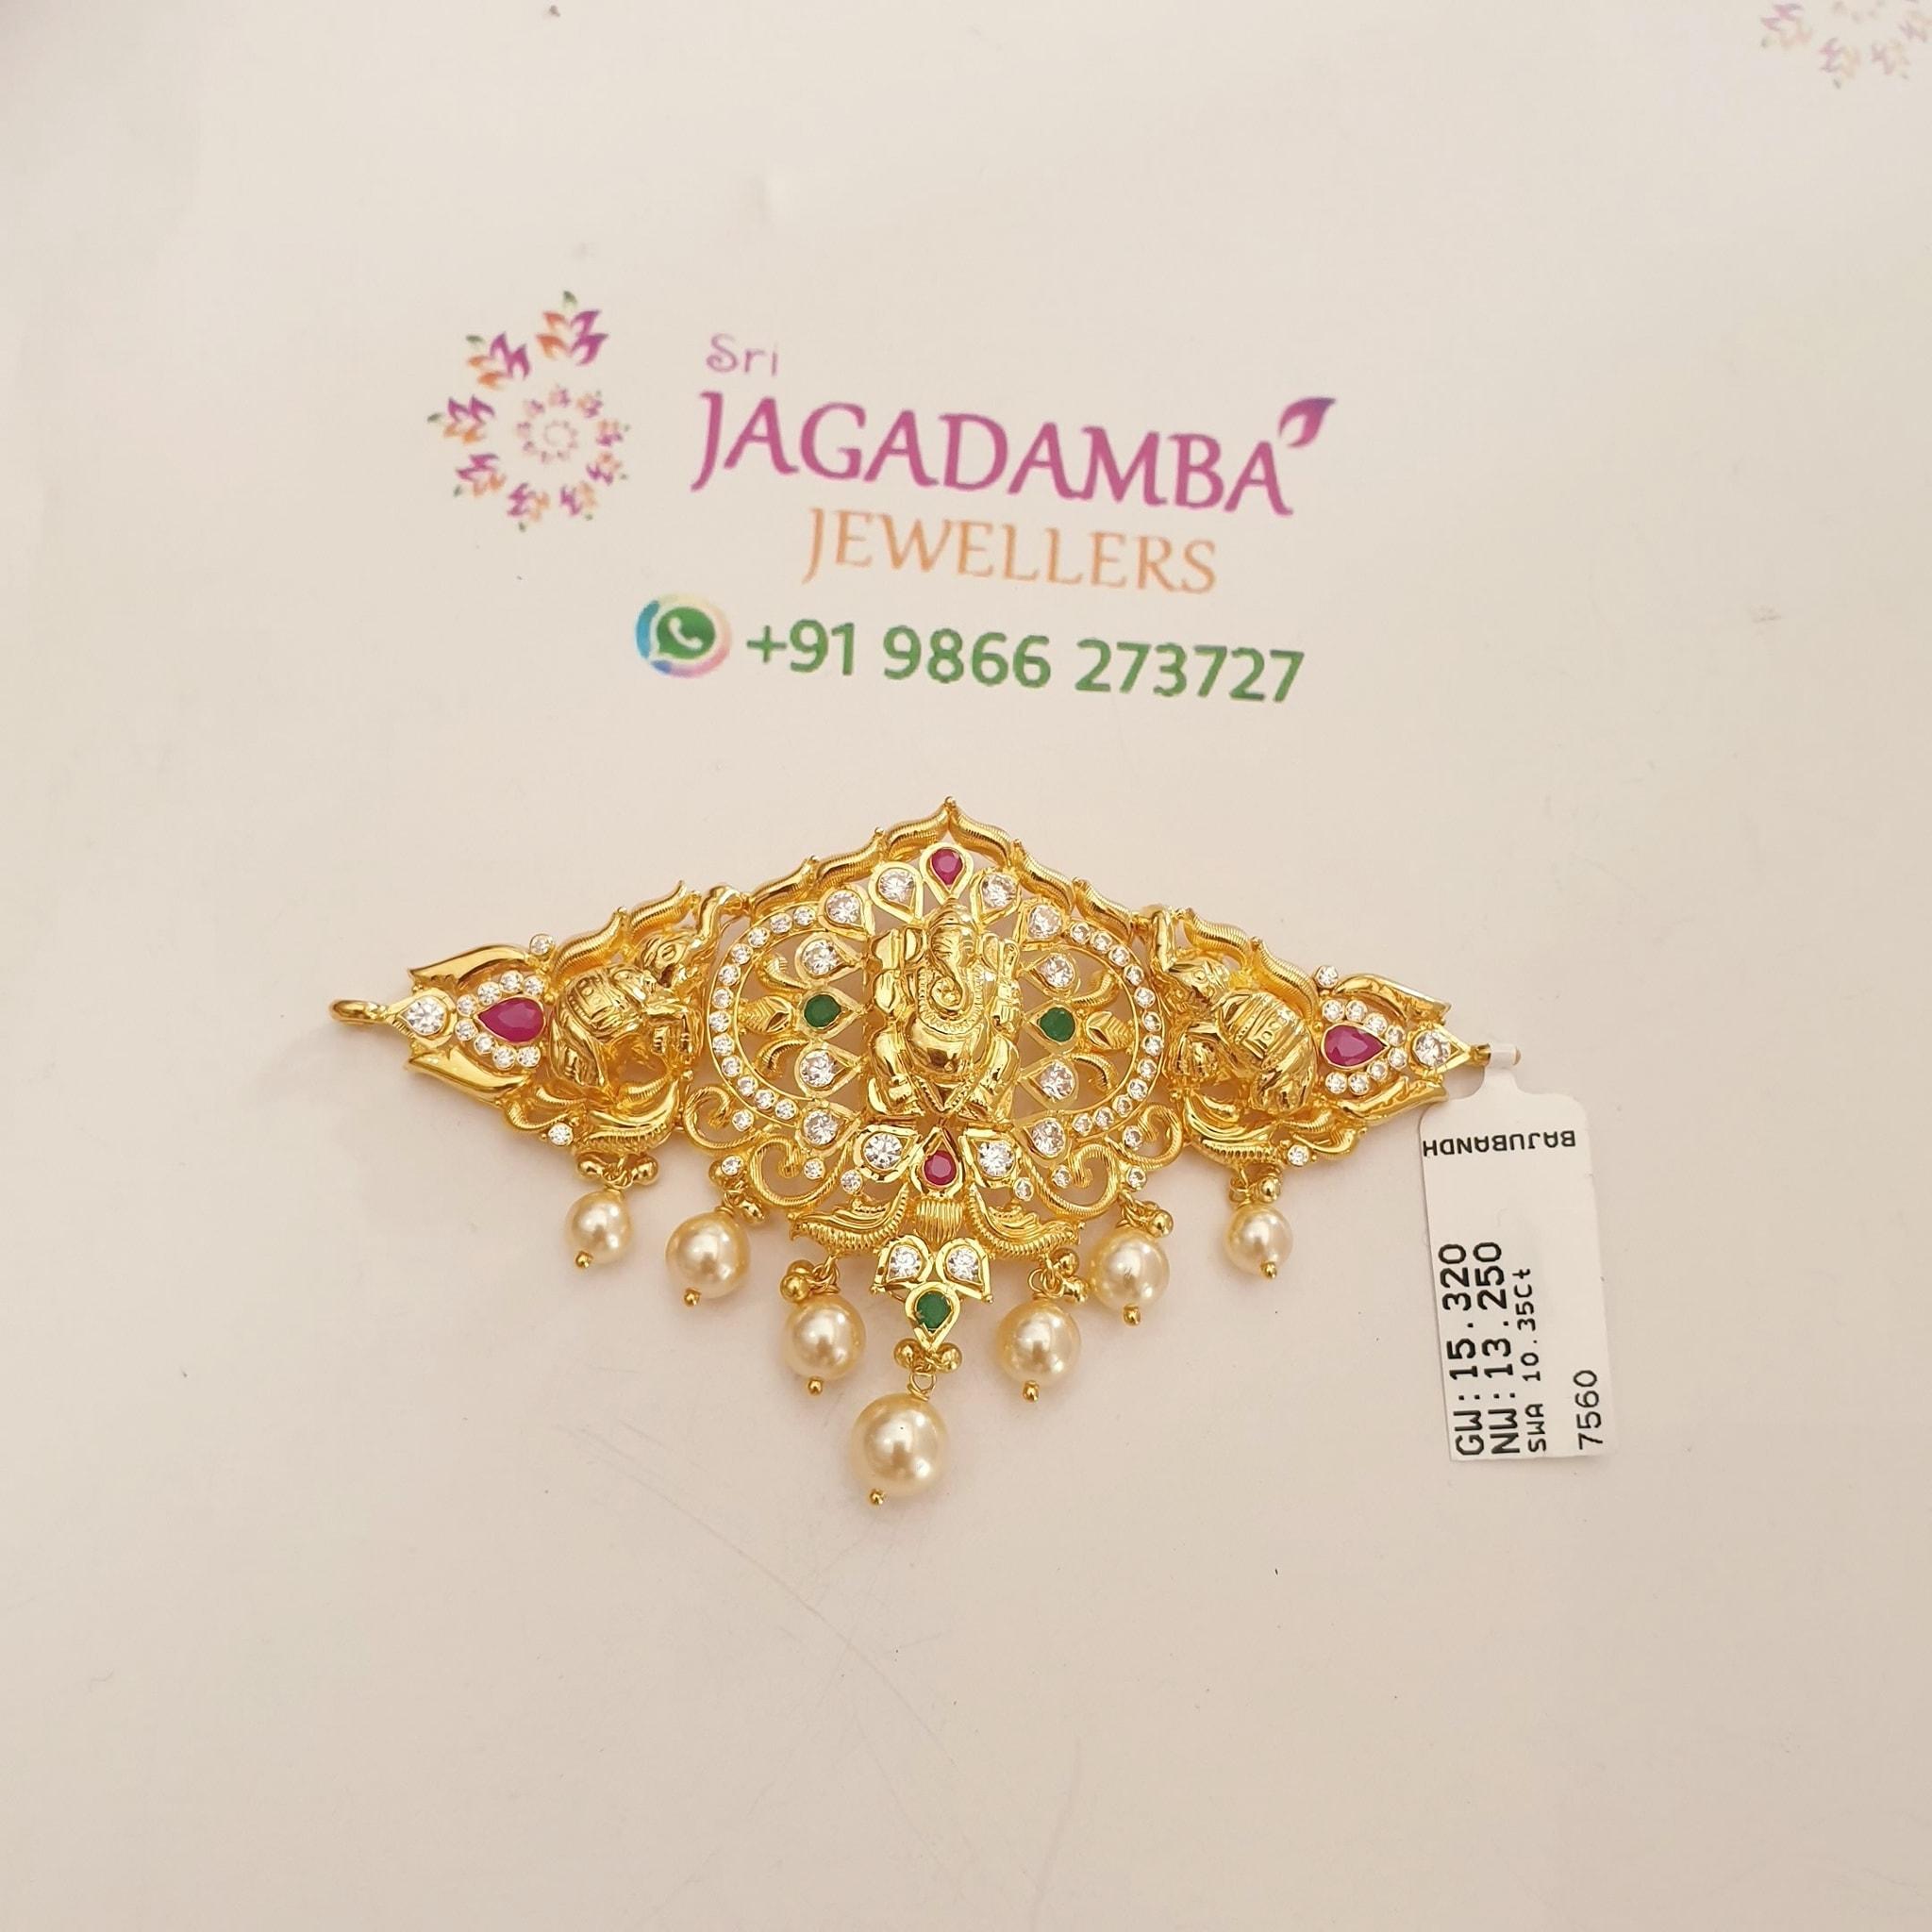 Choker cum Baju Bandh net 10gm to 13gm To buy online Whatsapp +919866273727 2021-05-24